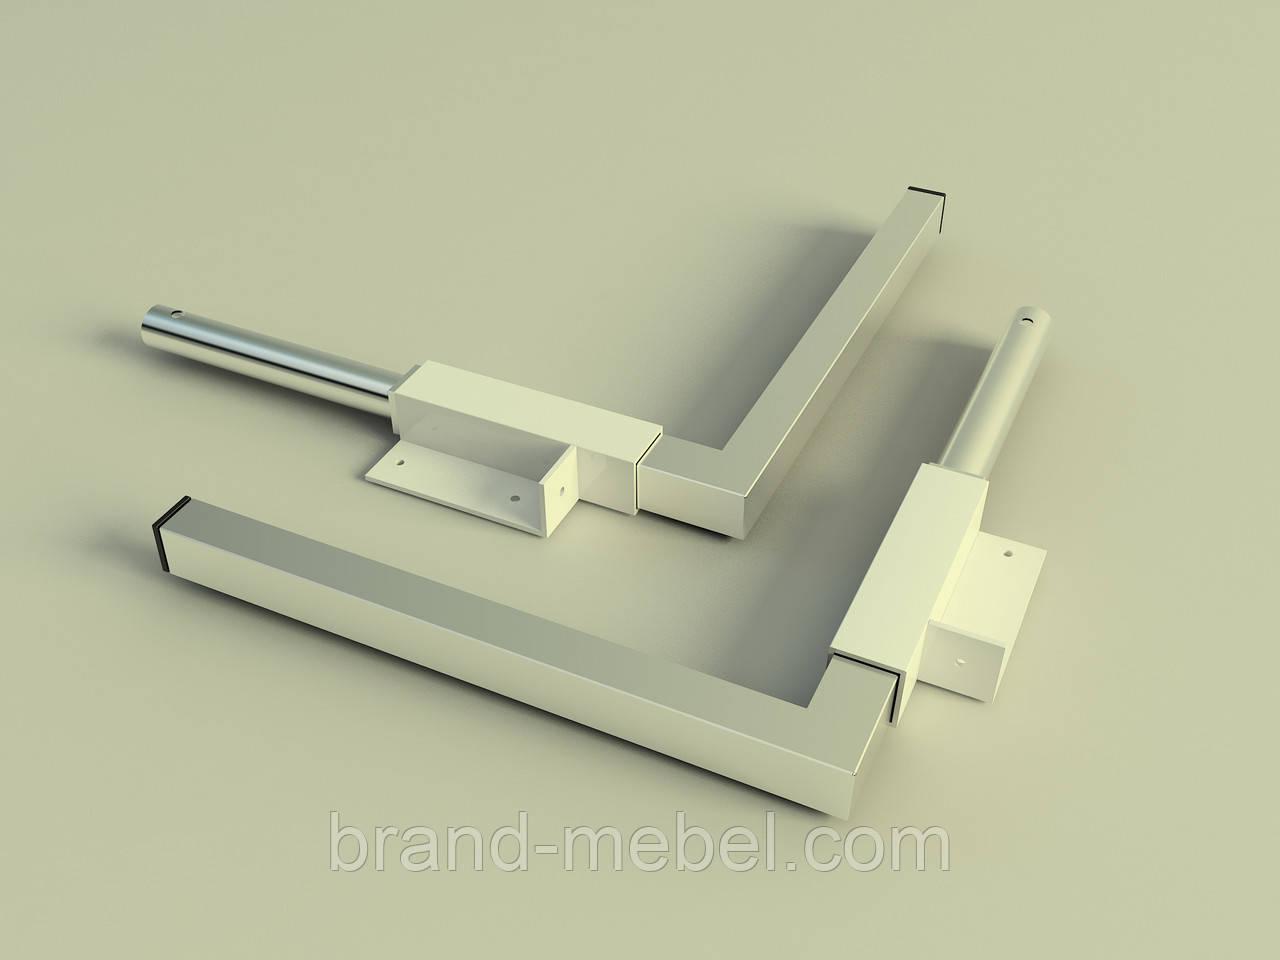 Ніжки ліжка трансформера 265мм нержавіюча сталь/Ножки для кровати-шкафа нержавейка 265мм